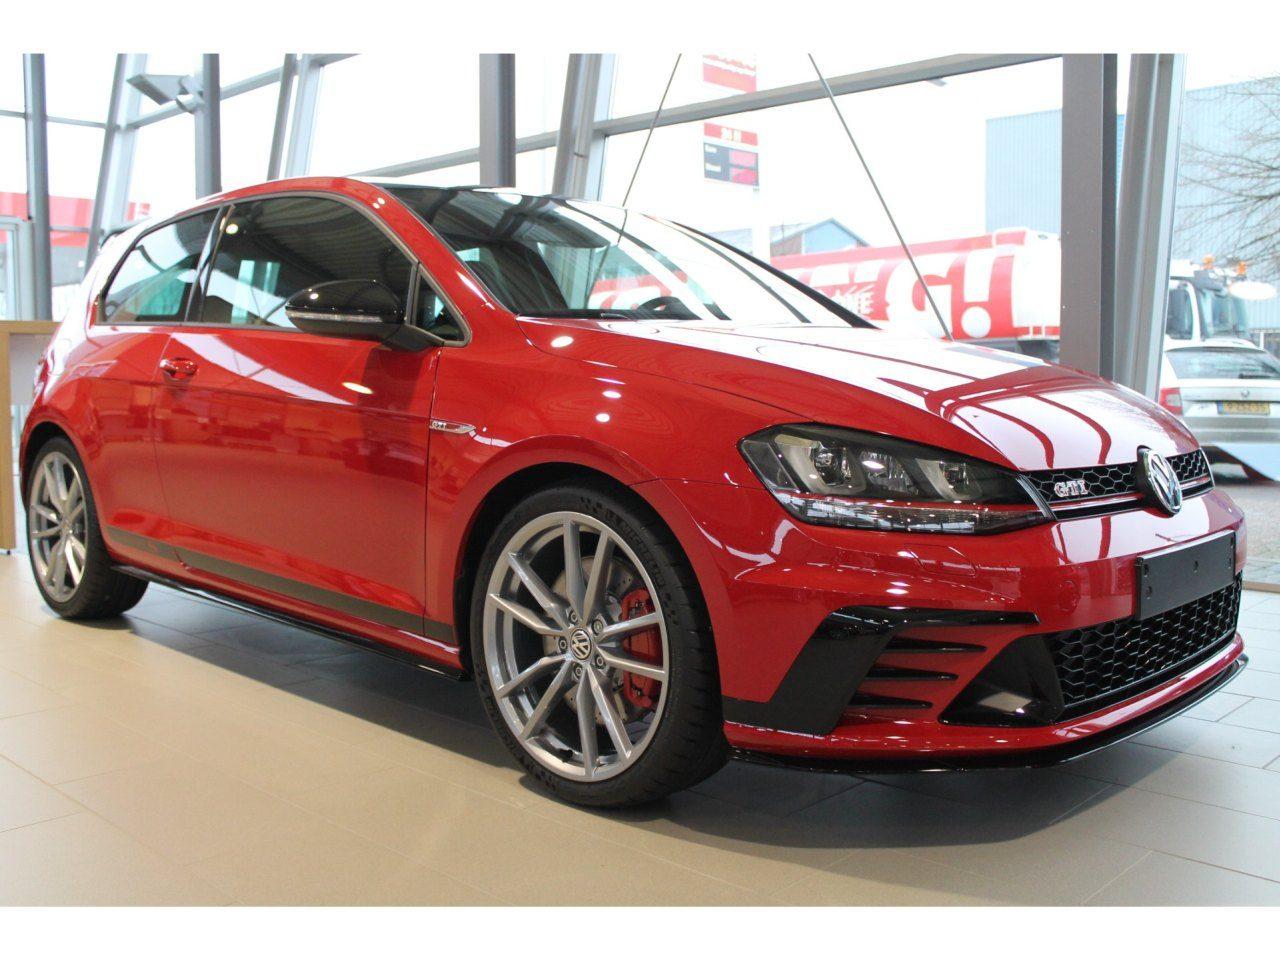 Volkswagen-Golf-GTI-Clubsport-S-occasion-01.jpg